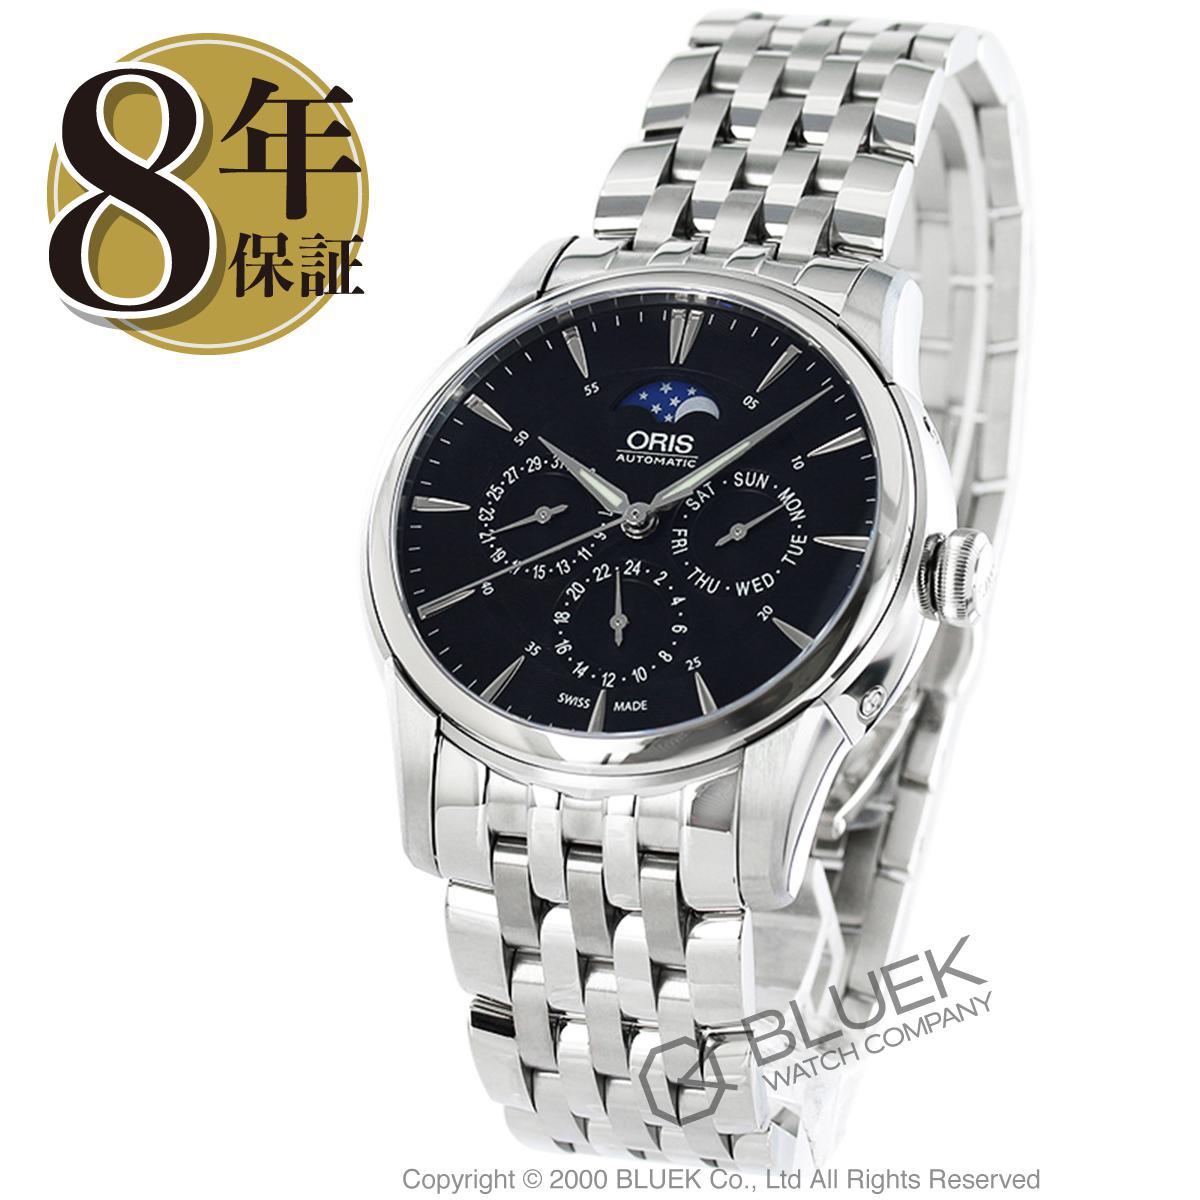 オリス アートリエ コンプリケーション ムーンフェイズ 腕時計 メンズ ORIS 781 7703 4054M_8